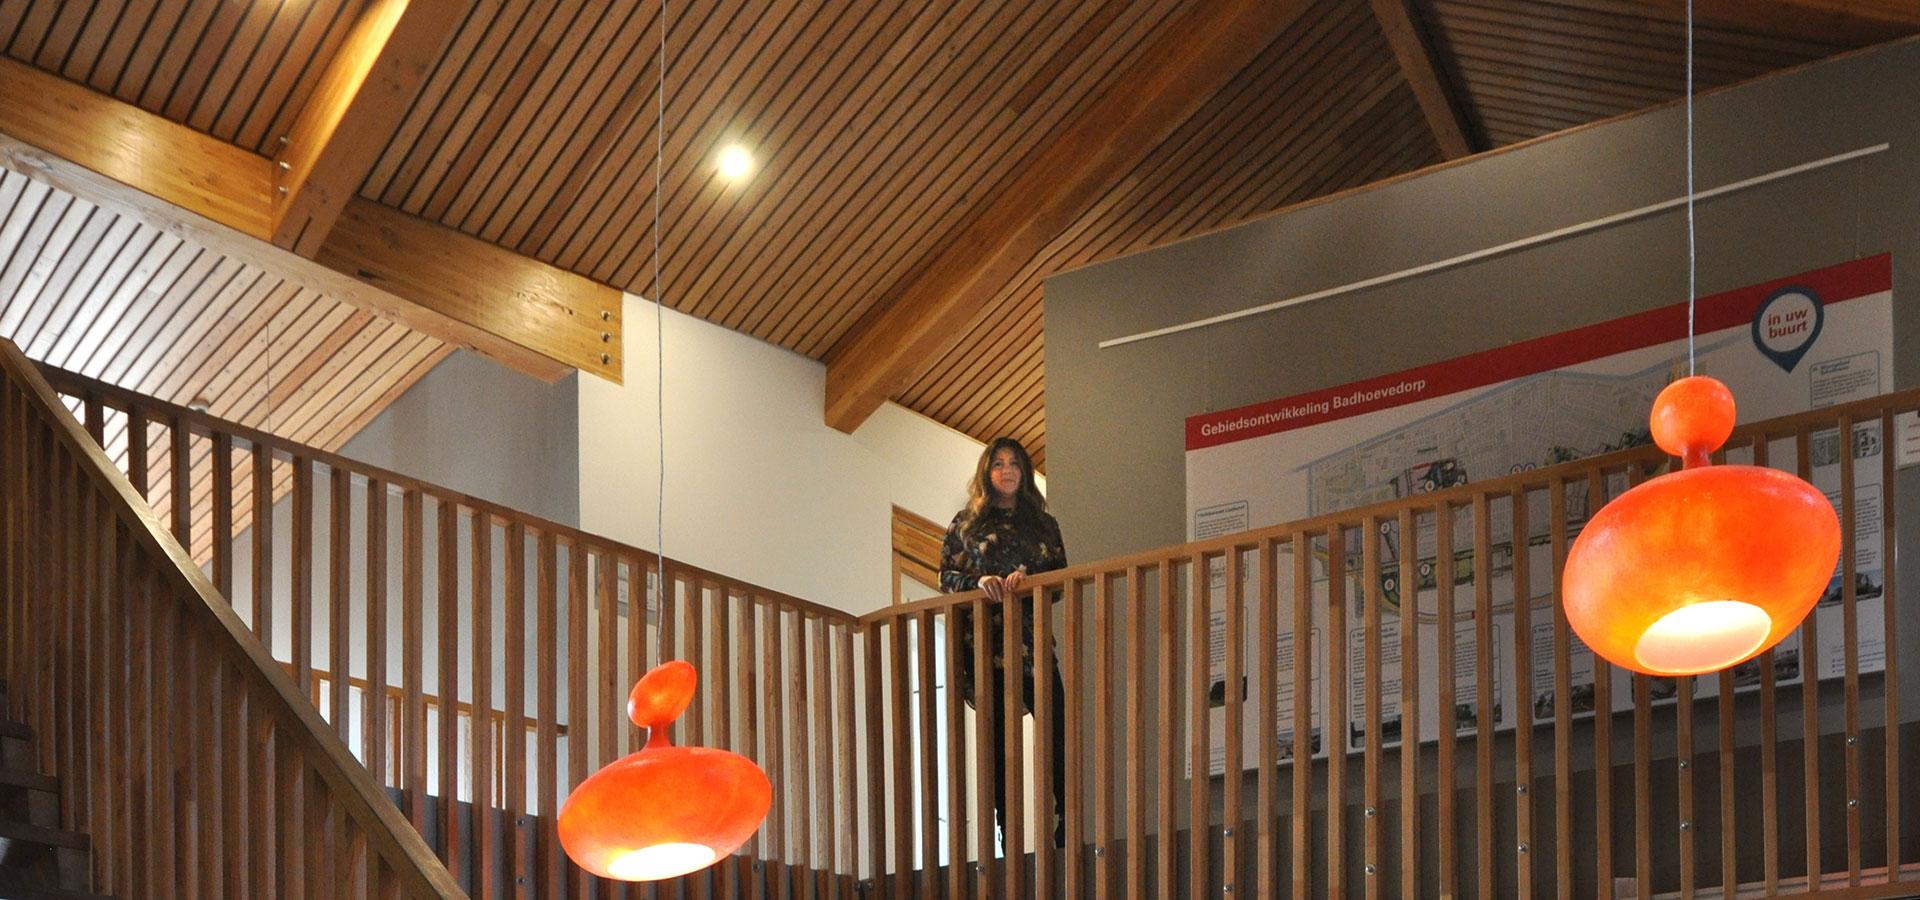 FARO-architecten-Dorpshuis-Badhoevedorp-12